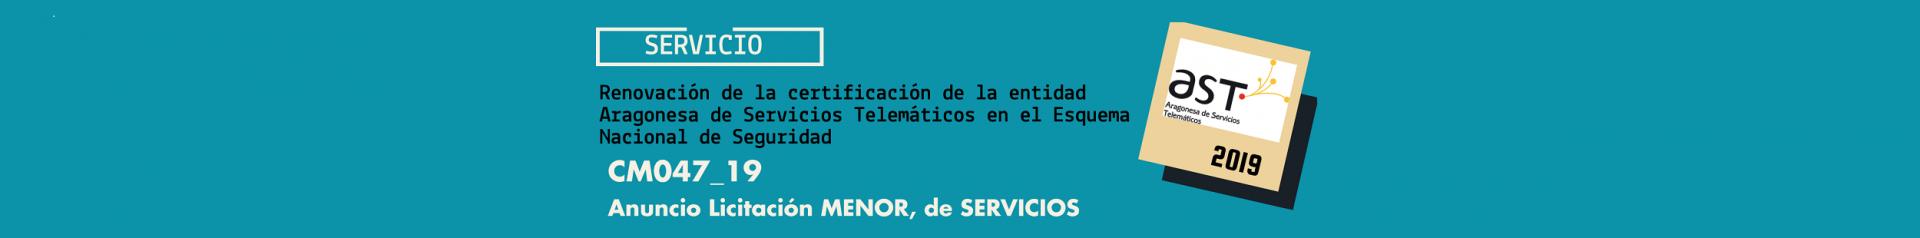 Licitación renovación certificación ENS